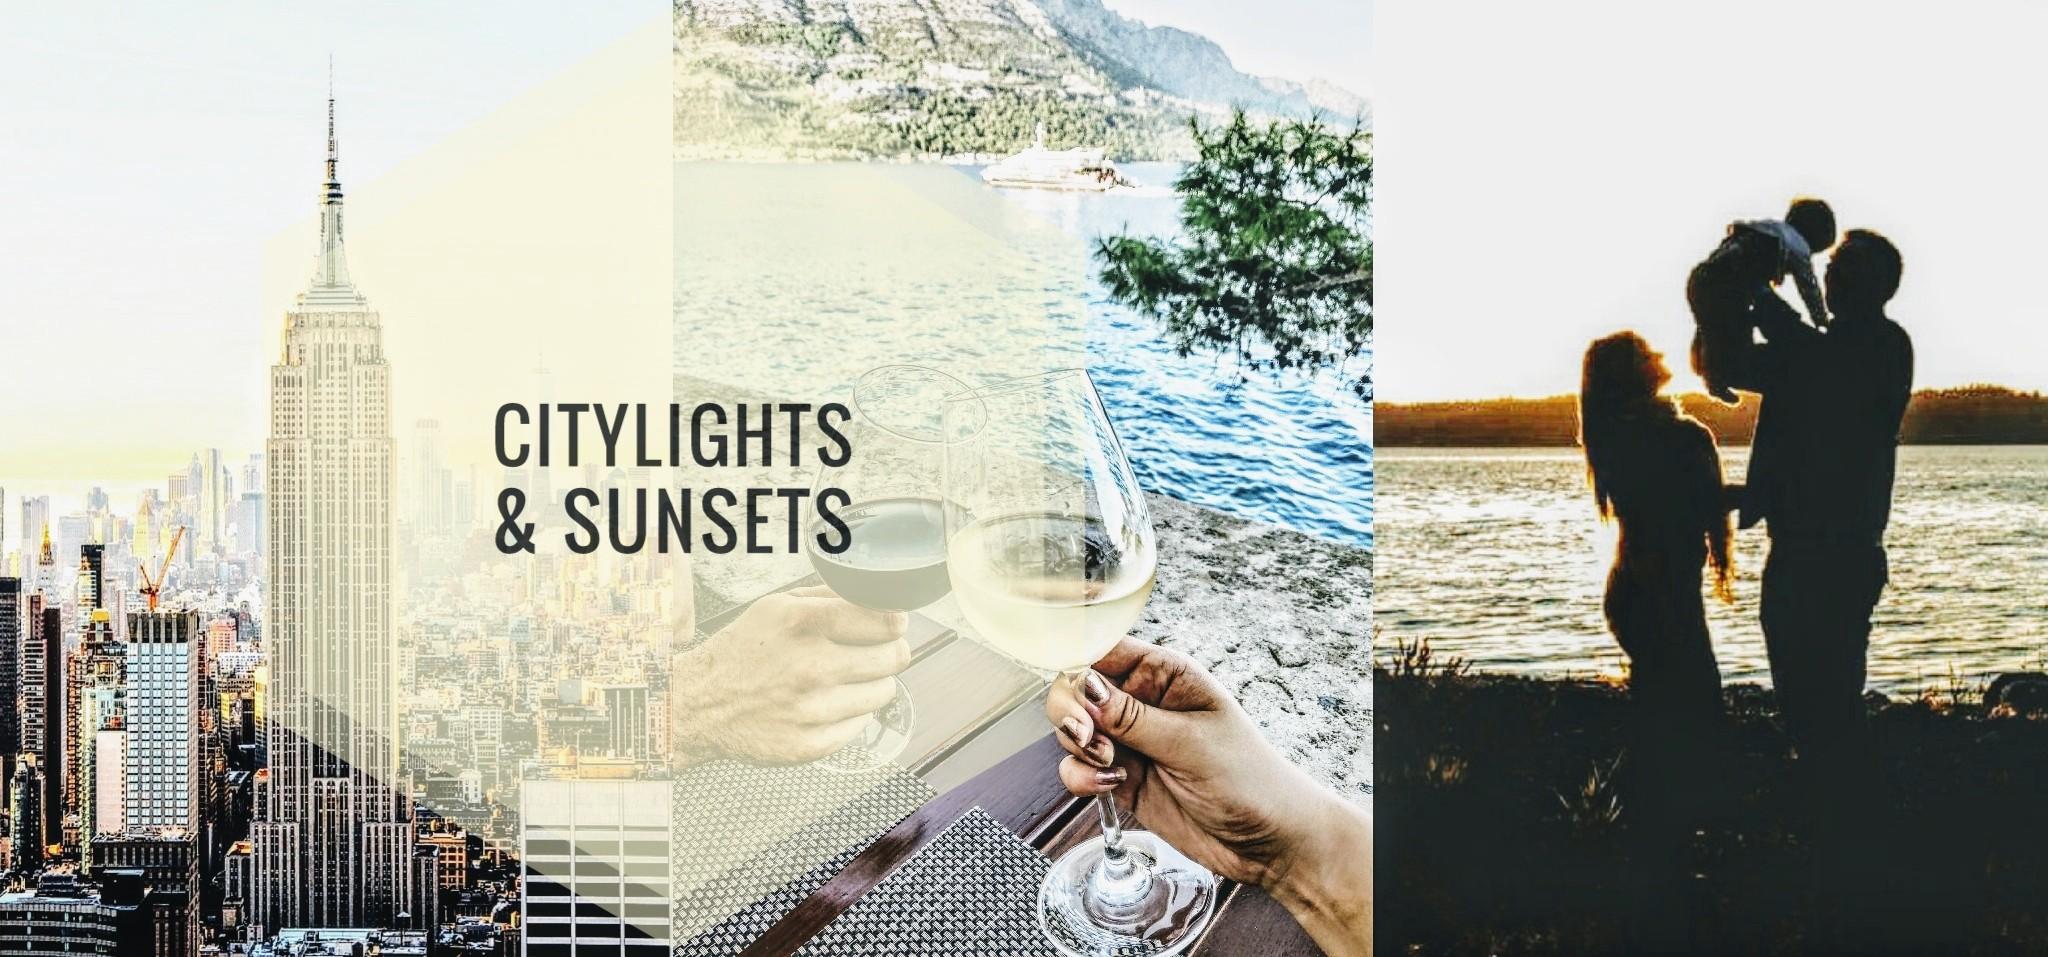 Citylights & sunsets